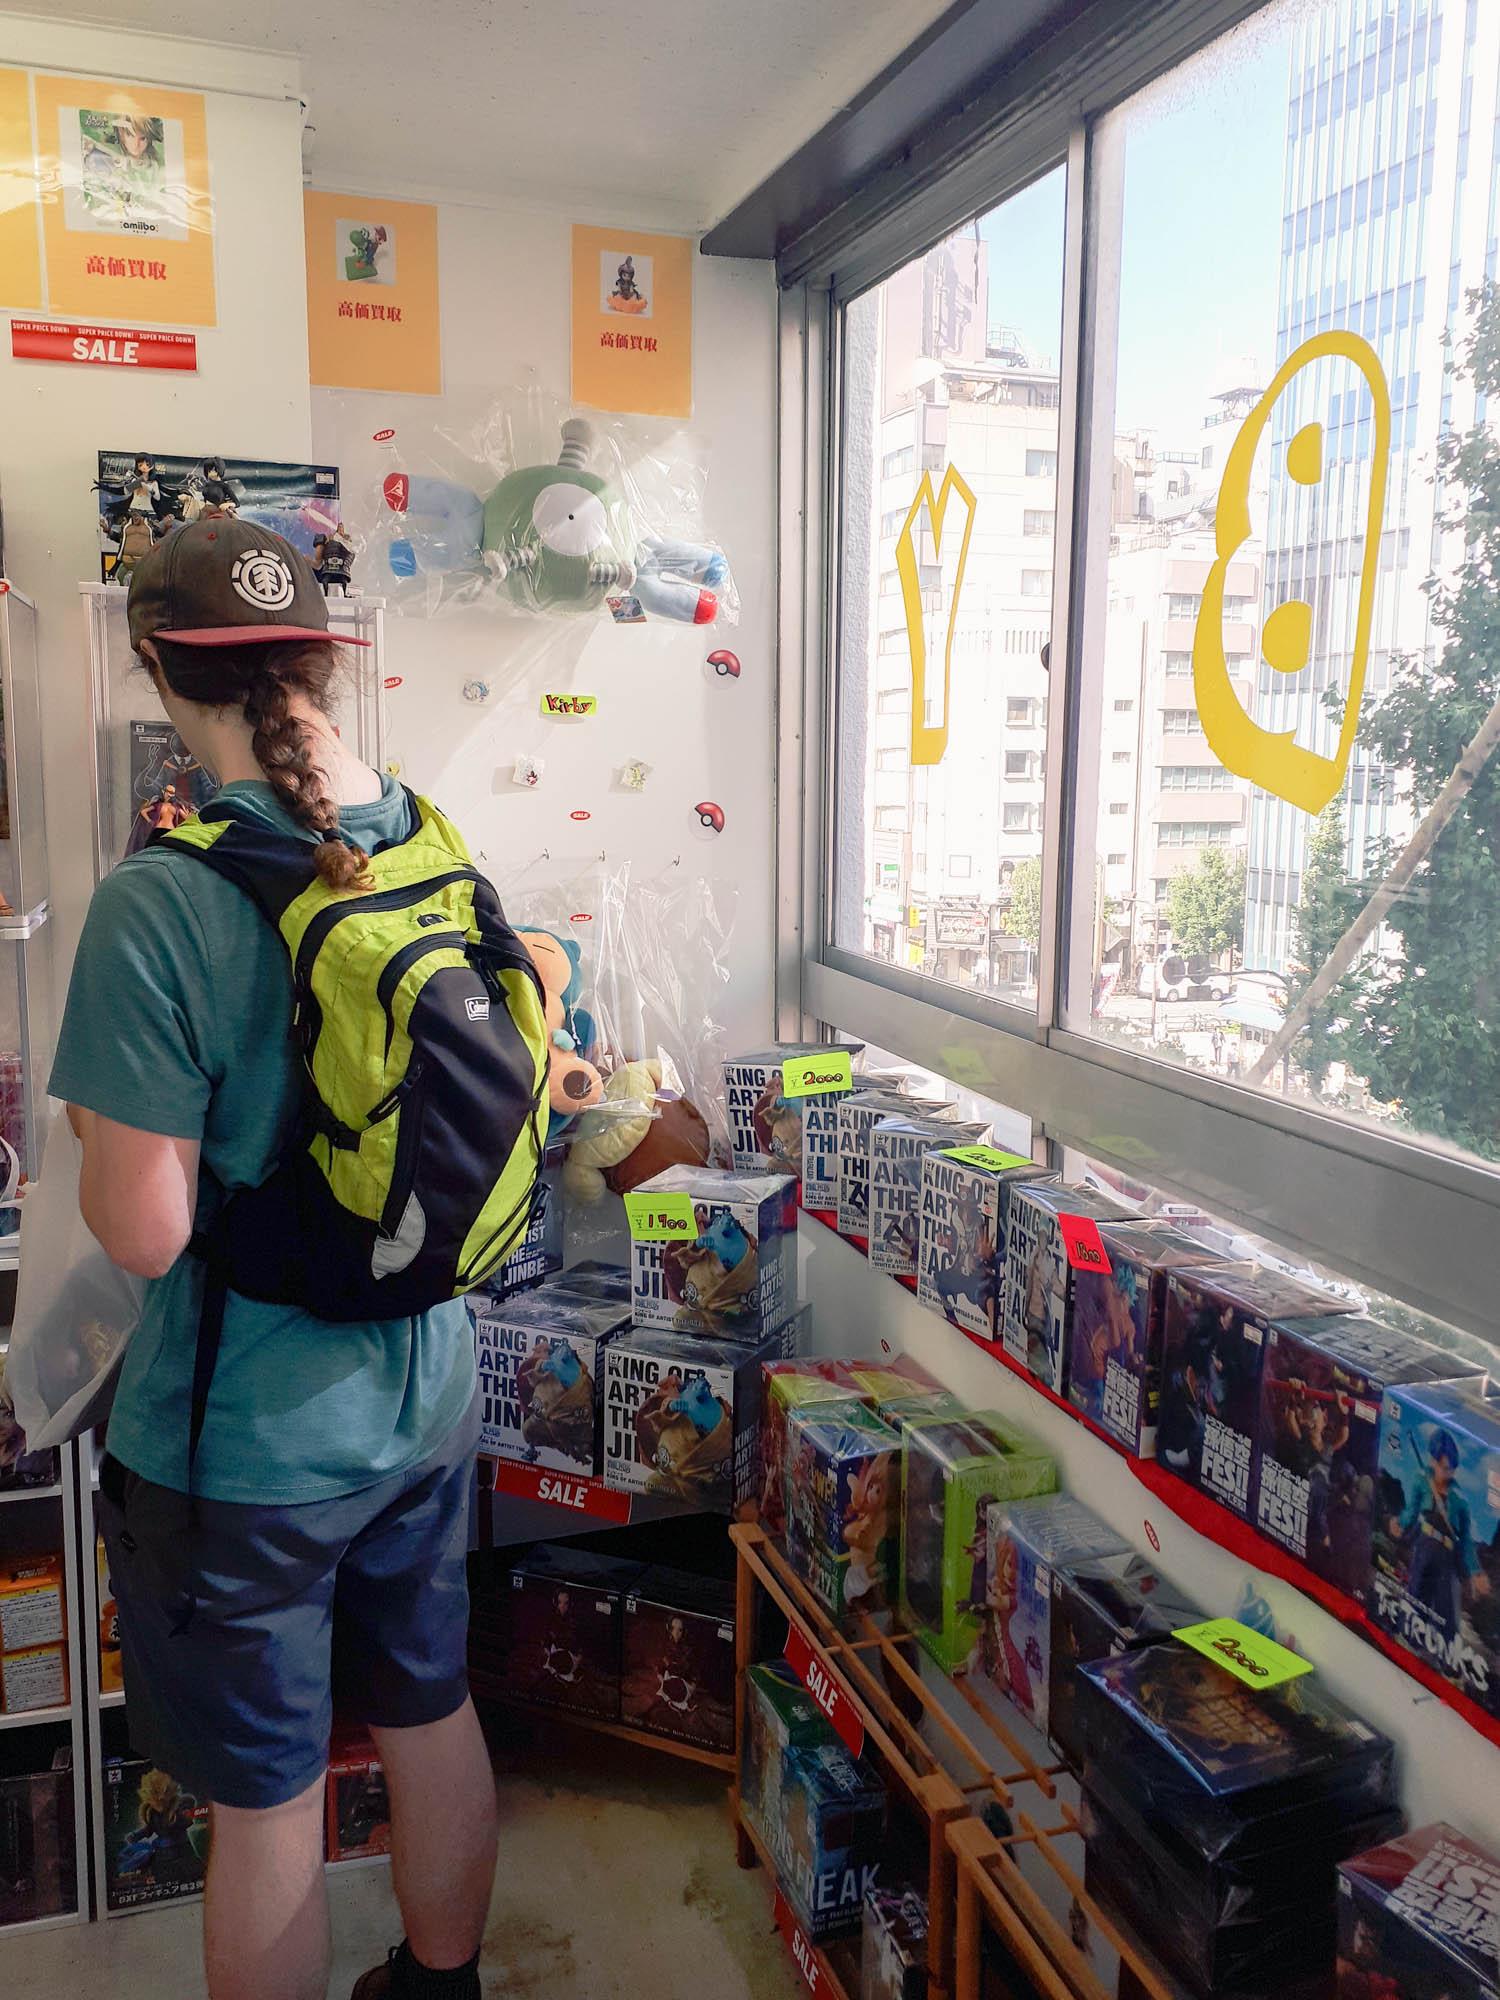 la boutique de figurines